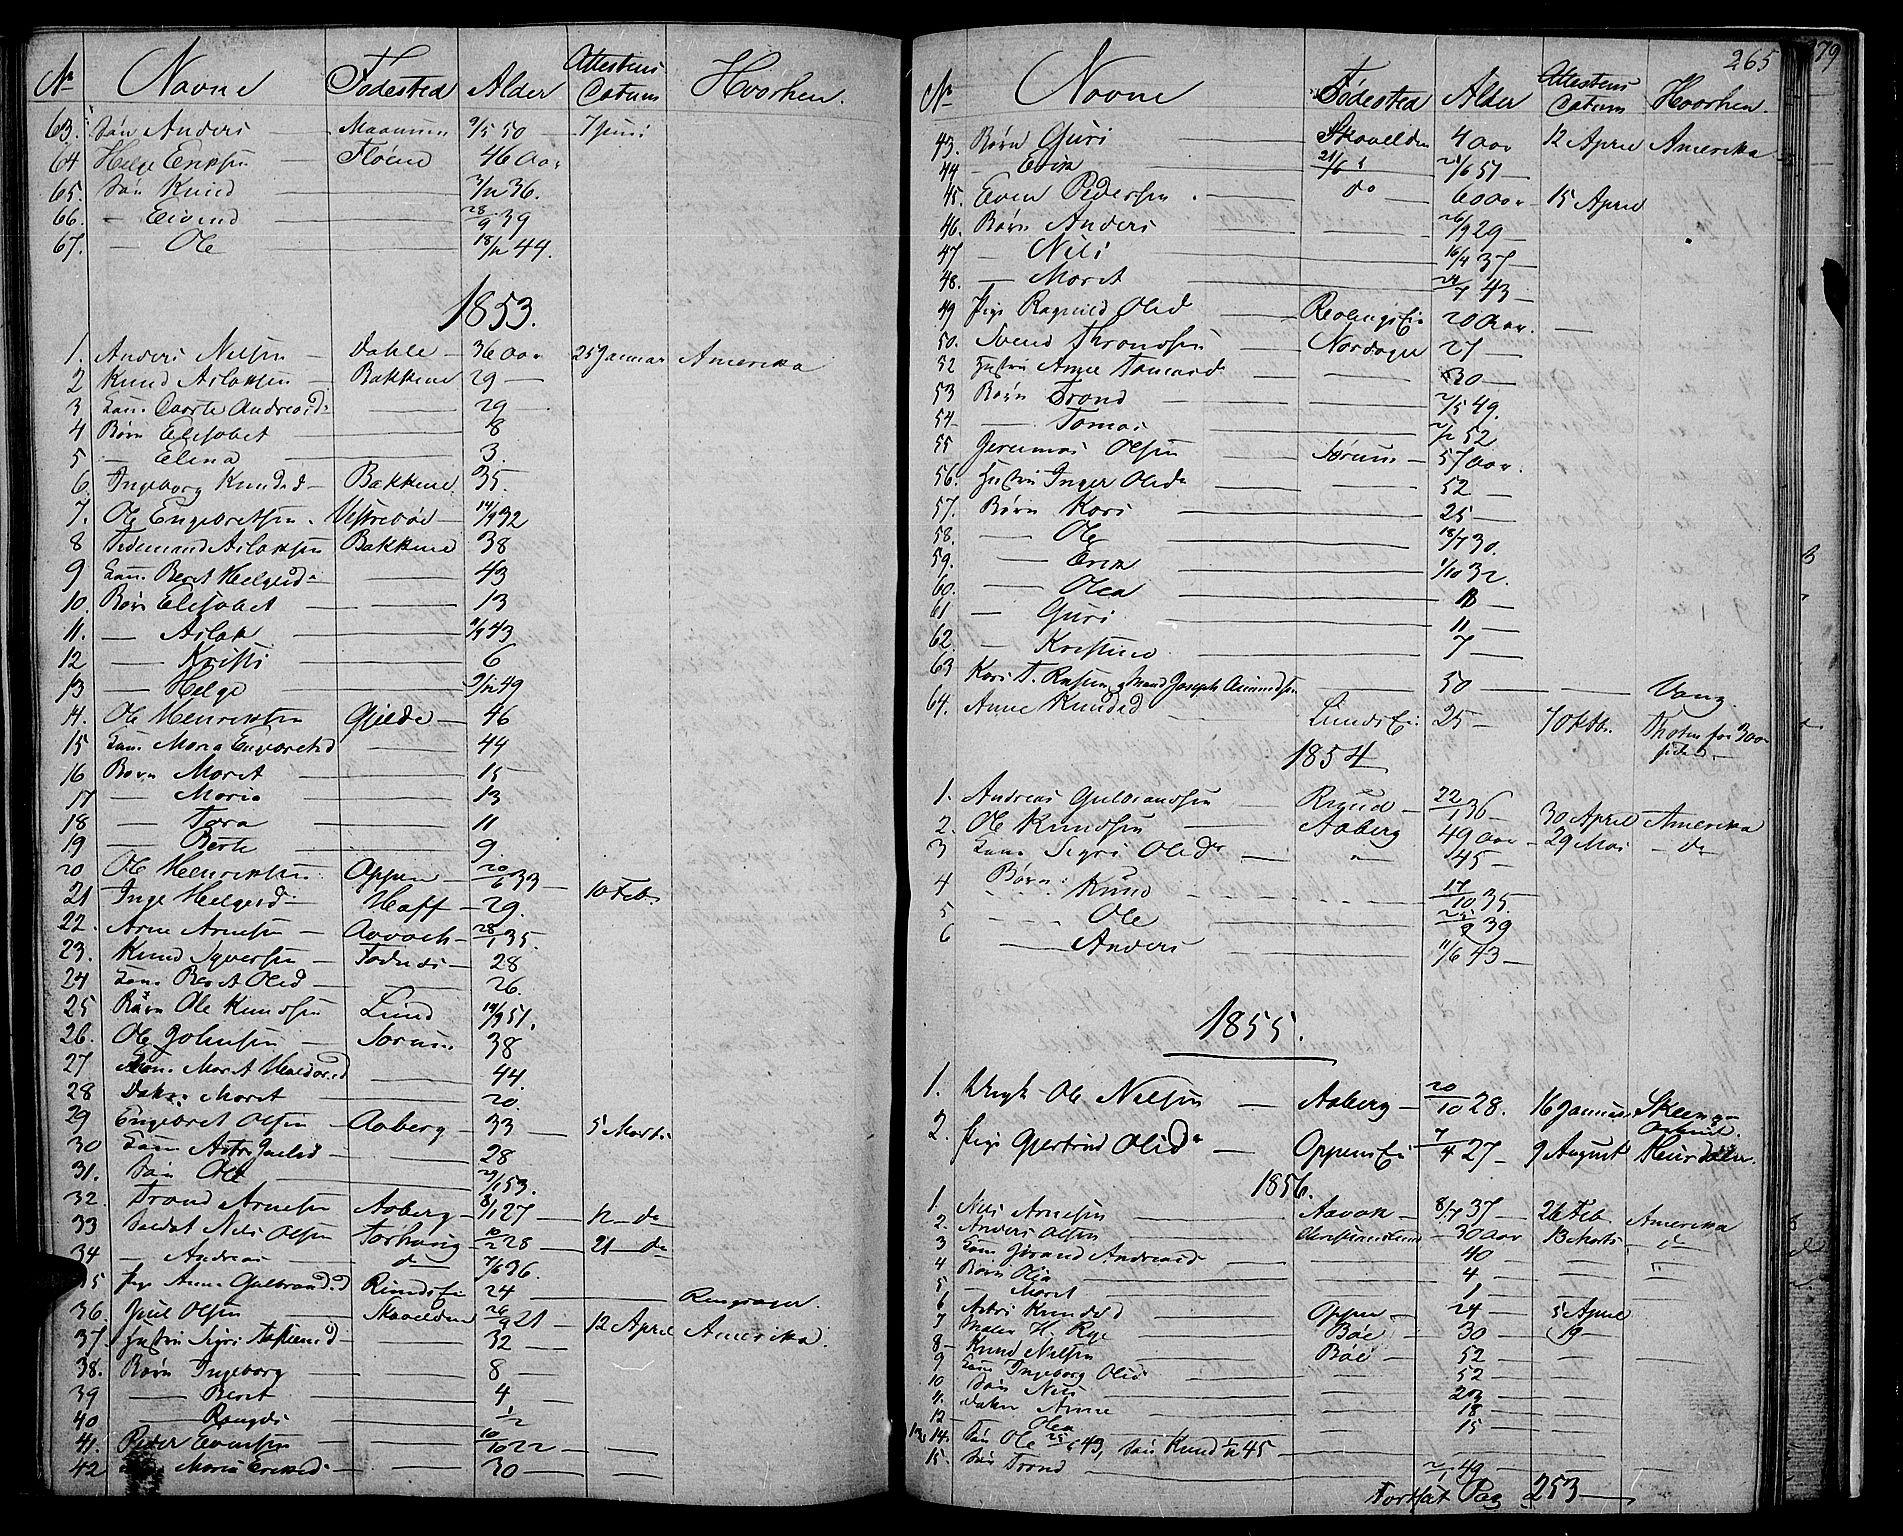 SAH, Nord-Aurdal prestekontor, Klokkerbok nr. 2, 1842-1877, s. 265